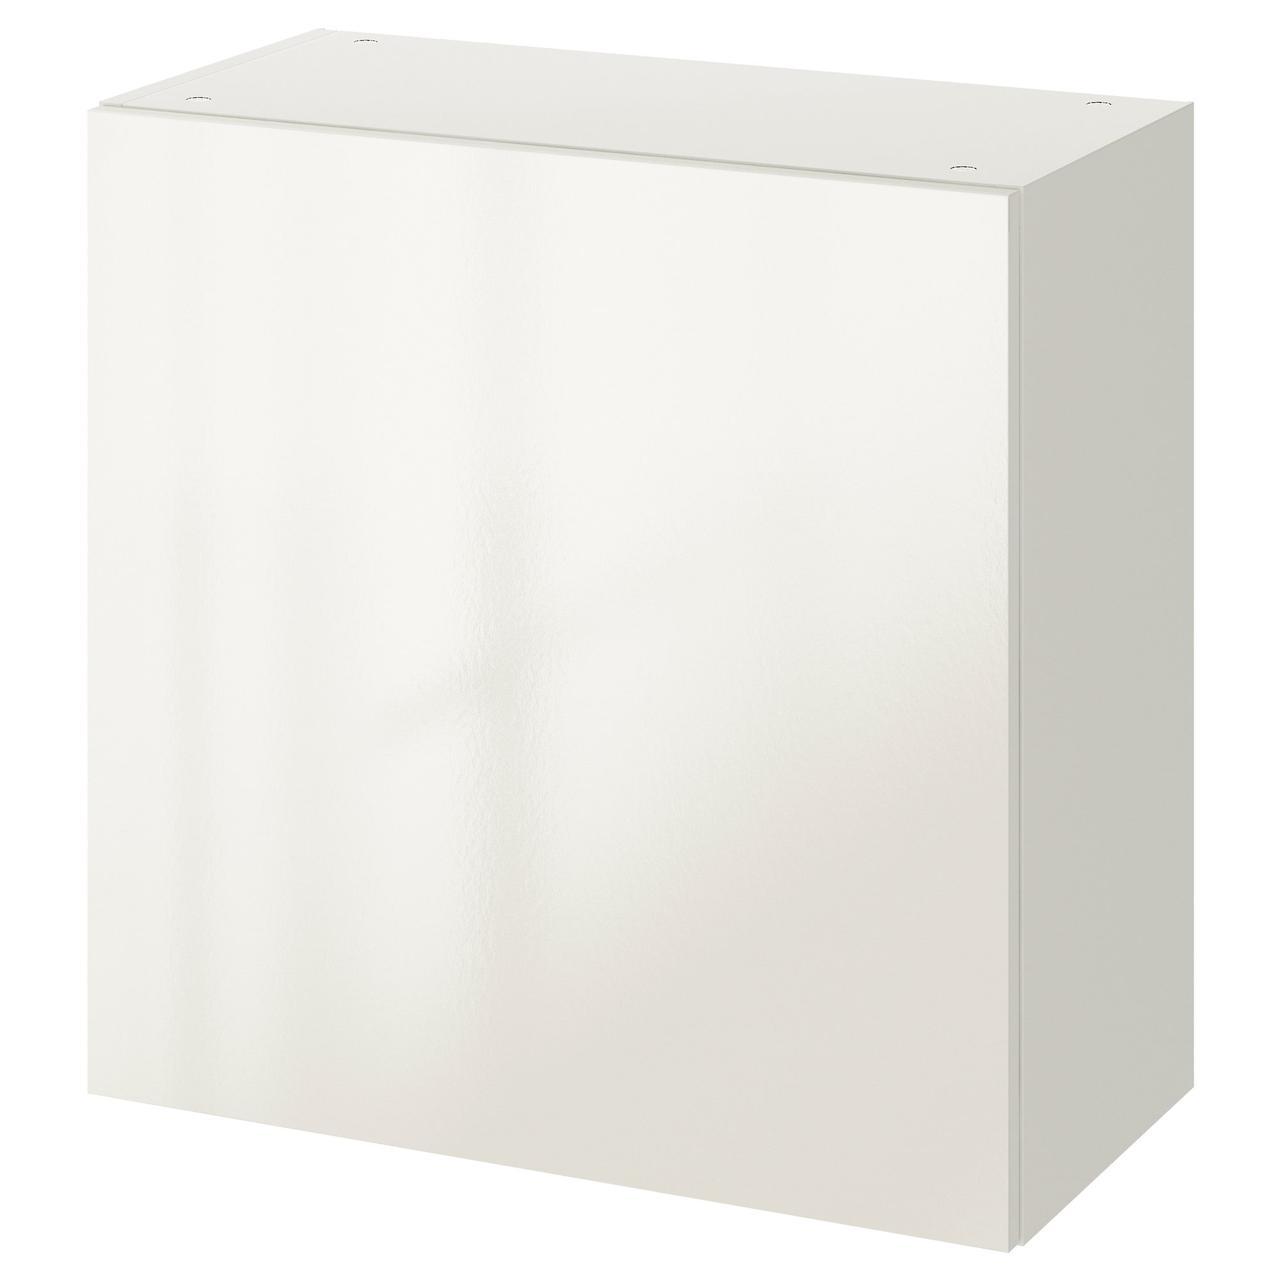 КНОКСХУЛЬТ Навесной шкаф с дверцей, глянцевый белый